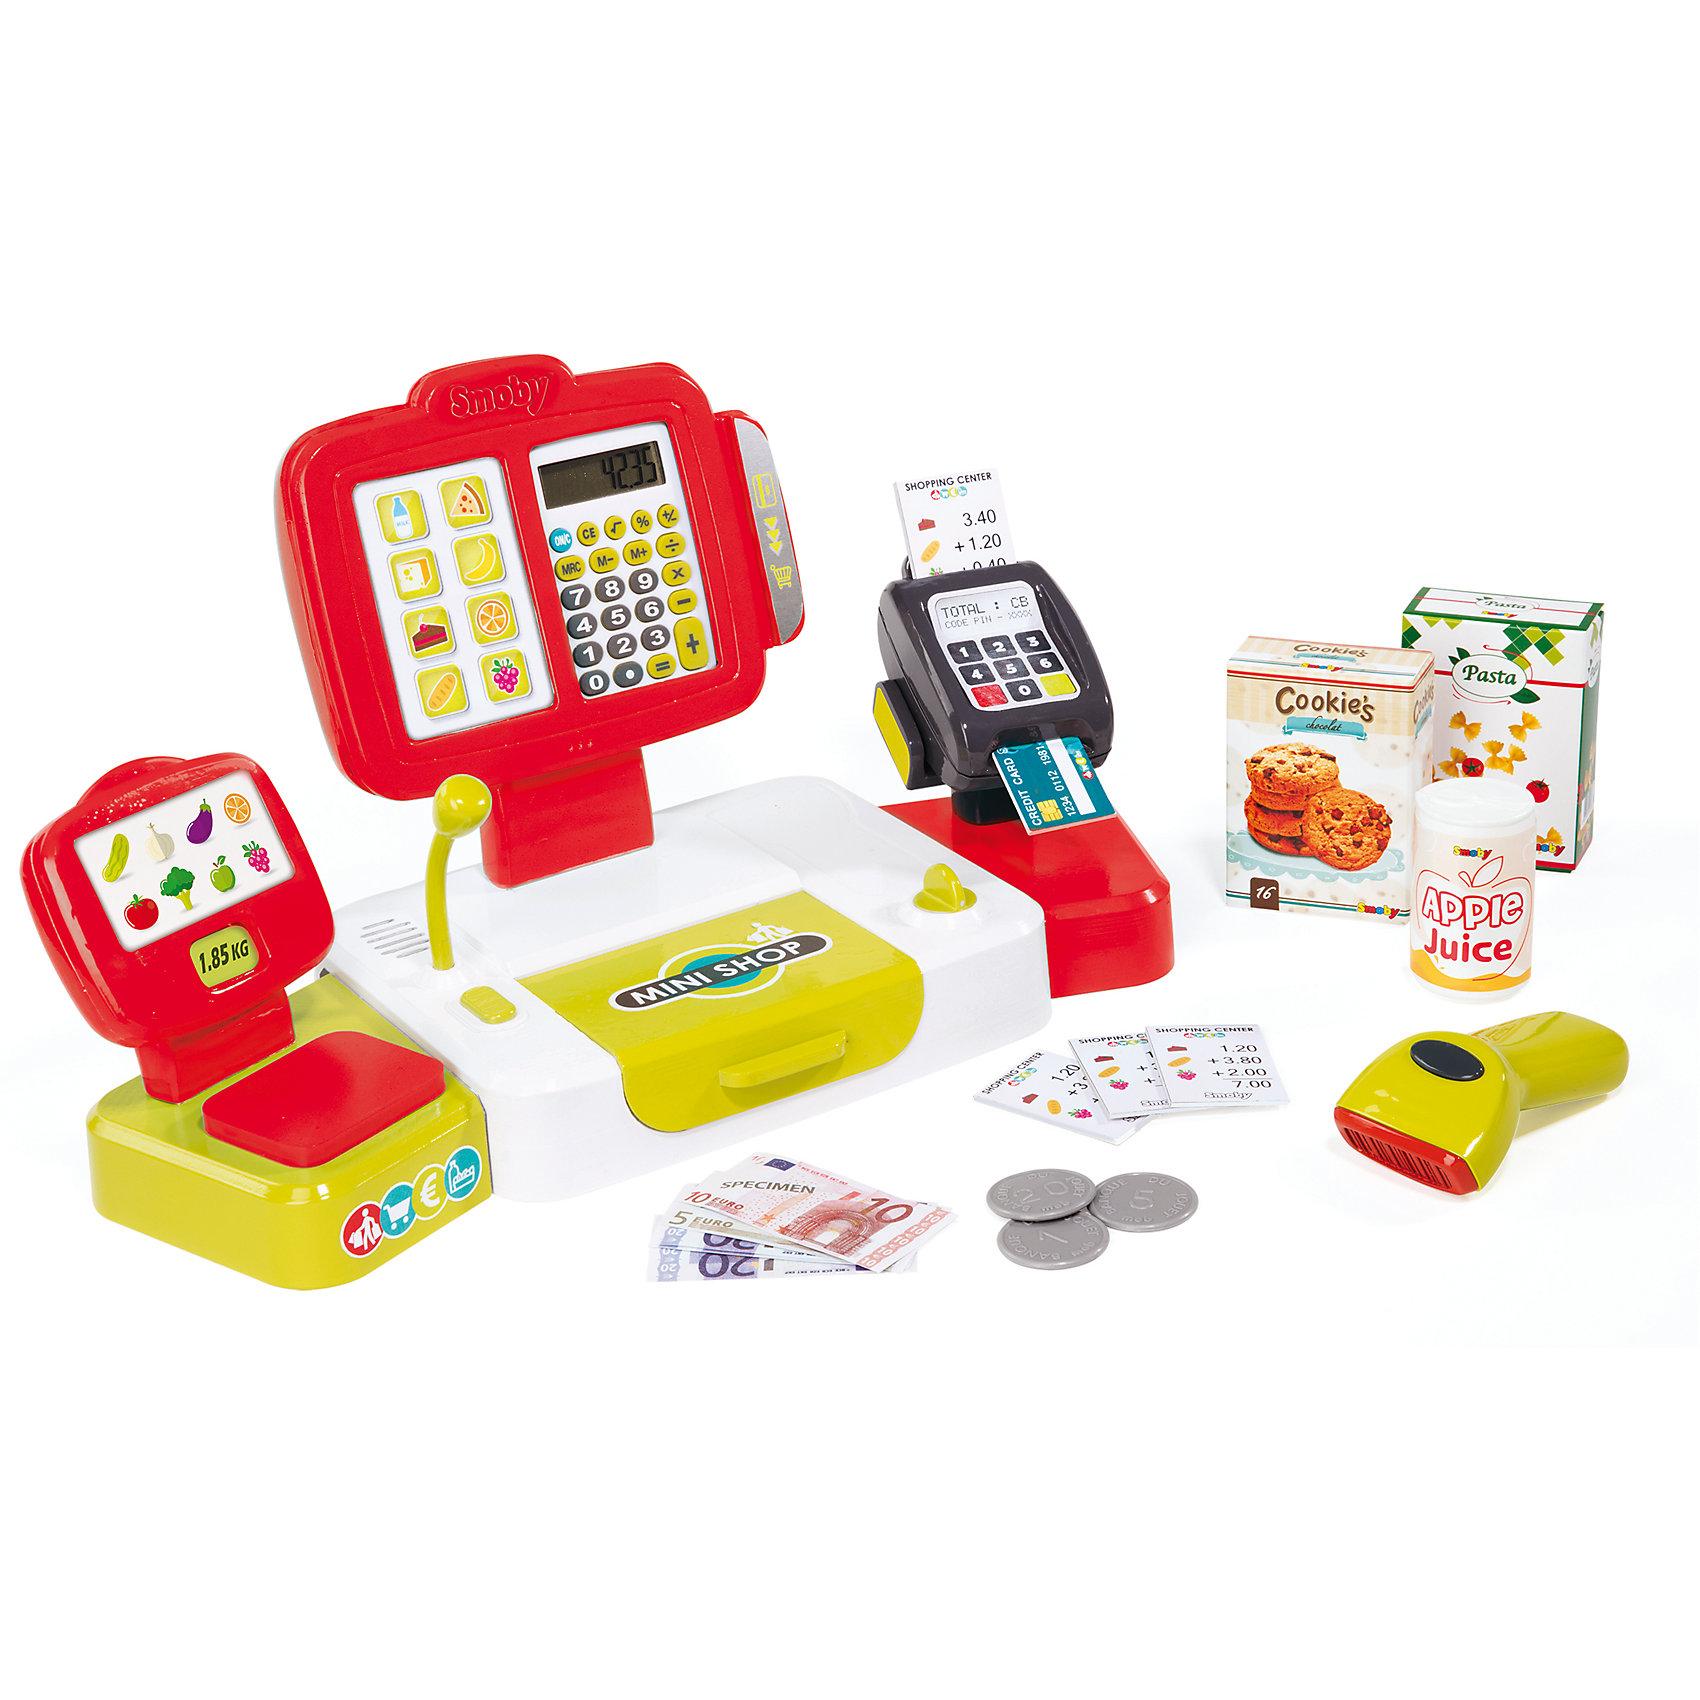 Электронная касса с аксесуарами, 27 предметов, SmobyДетский супермаркет<br>Характеристики товара:<br><br>• возраст от 3 лет;<br>• материал: пластик;<br>• в комплекте: кассовый аппарат, 12 купюр, 6 монет, пластиковая карточка, 4 ценника, 2 коробки, банка, считыватель штрих кода;<br>• работает от 3 батареек АА, батарейки LR54 (в комплекте);<br>• размер упаковки 41х29х9 см;<br>• вес упаковки 3,86 кг;<br>• страна производитель: Франция.<br><br>Электронная касса с аксессуарами Smoby позволит познакомиться с устройством кассового аппарата в супермаркетах. Игрушка оснащена кассовым аппаратом, калькулятором, терминалом для банковских карт, устройством для считывания штрих-кода. С набором дети могут придумать разнообразные игры, представляя себя в роли продавца или покупателя. Игрушка оснащена световыми и звуковыми эффектами, делающими игру еще увлекательней.<br><br>Электронную кассу с аксессуарами Smoby можно приобрести в нашем интернет-магазине.<br><br>Ширина мм: 411<br>Глубина мм: 288<br>Высота мм: 88<br>Вес г: 840<br>Возраст от месяцев: 36<br>Возраст до месяцев: 2147483647<br>Пол: Женский<br>Возраст: Детский<br>SKU: 5613506